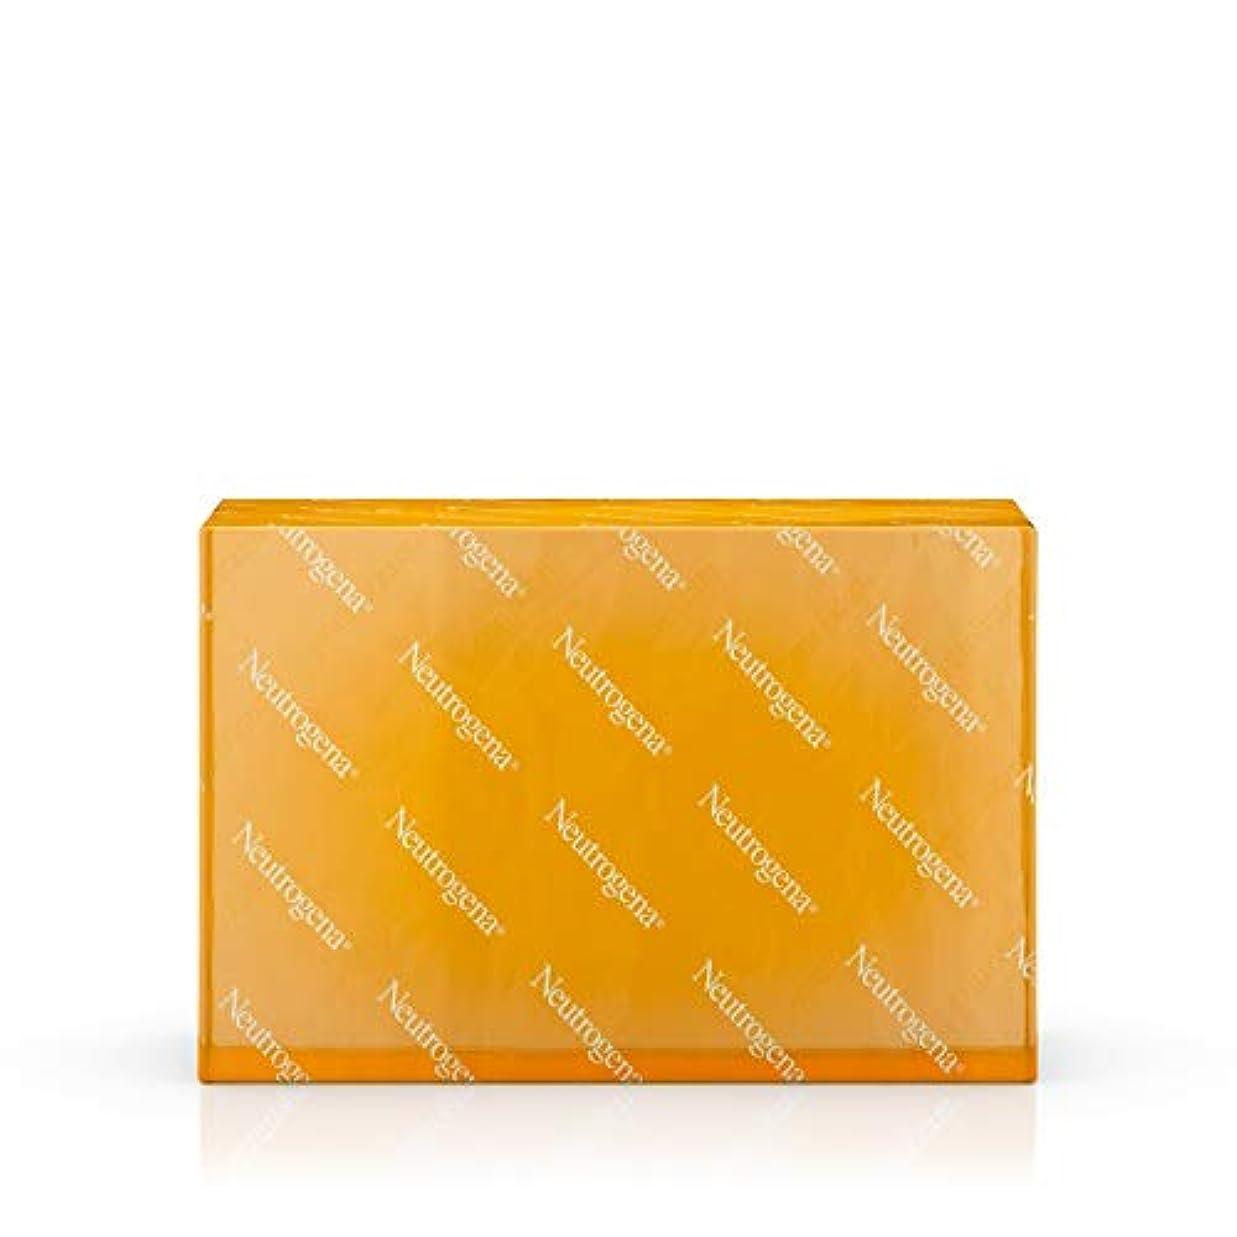 リーガンペグ服を着るニュートロジーナ ニキビ肌用透明洗顔ソープ 100g (並行輸入品)